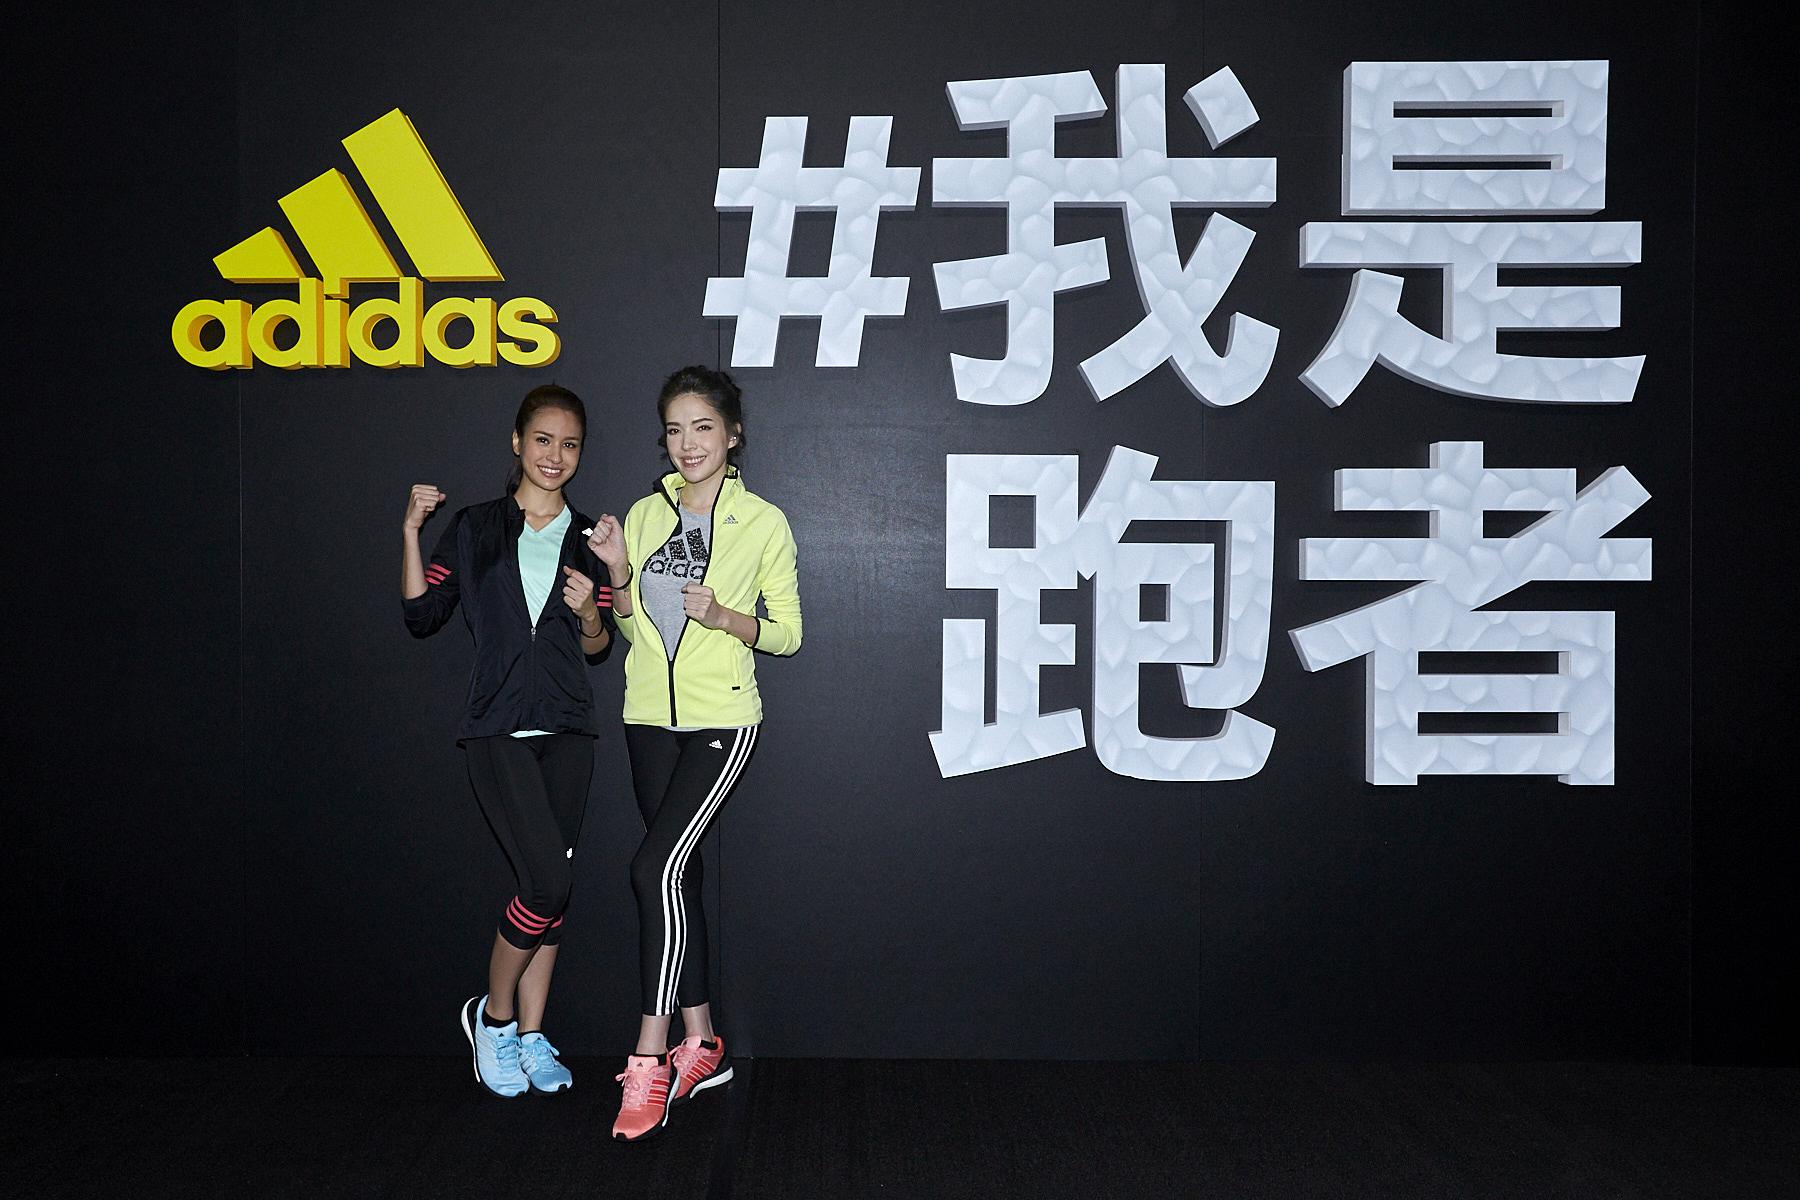 圖一:許瑋甯與雷艾美一起於「#我是跑者」主題牆前合影,號召全民一起運動!(adidas提供)